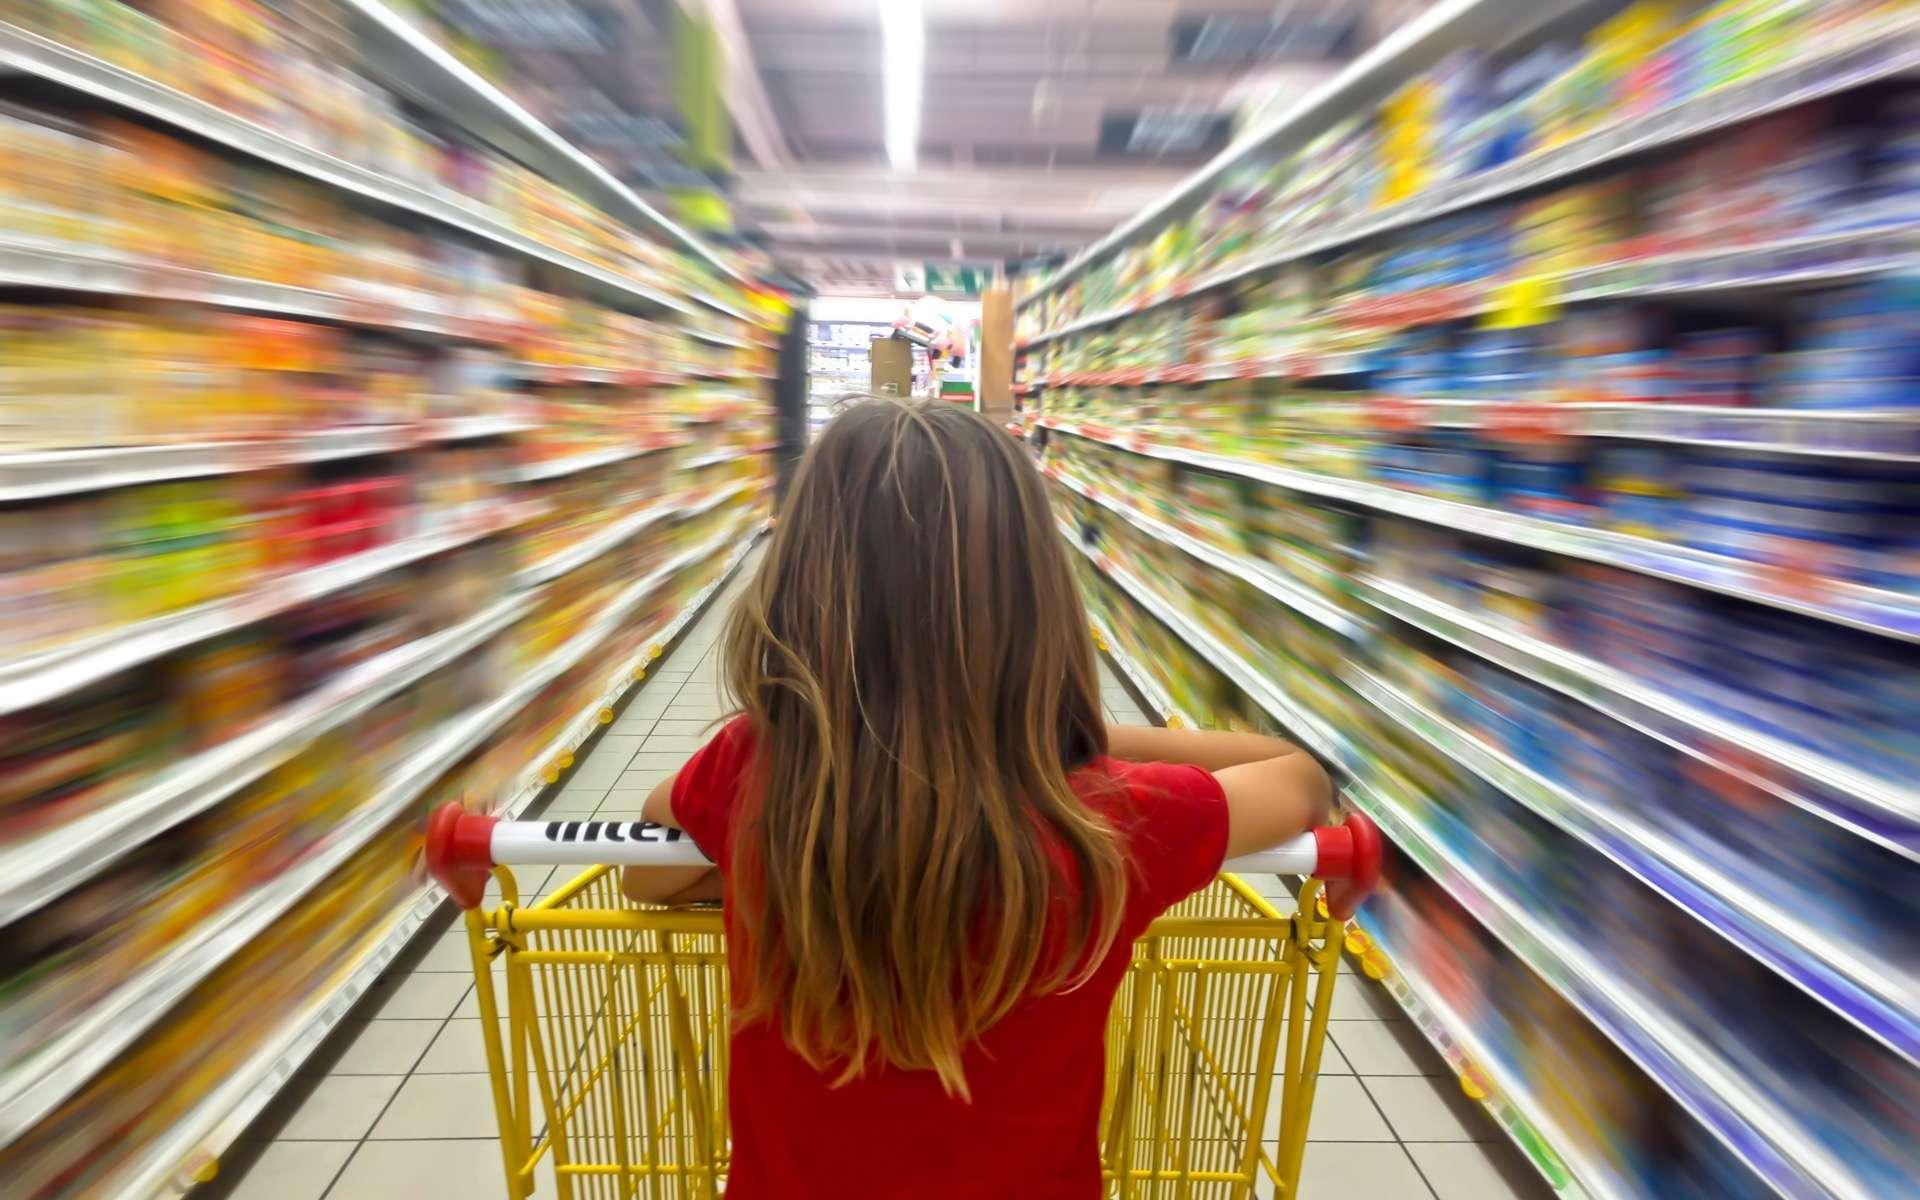 Faut-il avoir peur des additifs alimentaires ? © Daylight Photo, Adobe Stock